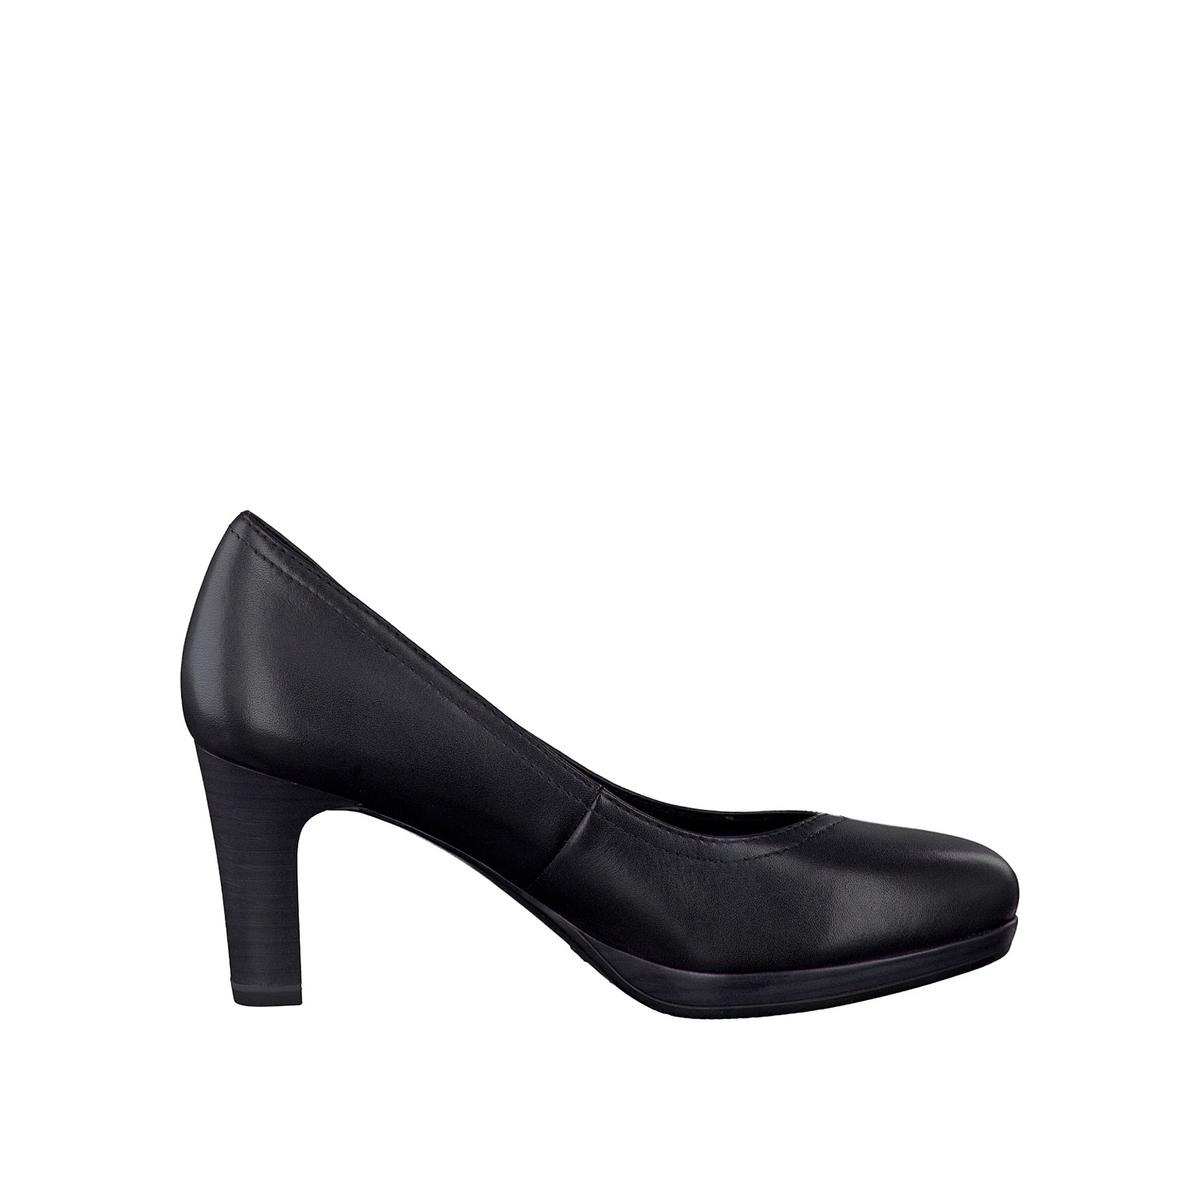 Туфли кожаные 22410-28Верх: кожа.   Подкладка: текстиль и синтетика.Стелька: синтетика.Подошва: синтетика.Высота каблука: 7 см.Форма каблука: тонкий каблук.    Мысок: закругленный.Застежка: без застежки.<br><br>Цвет: черный<br>Размер: 40